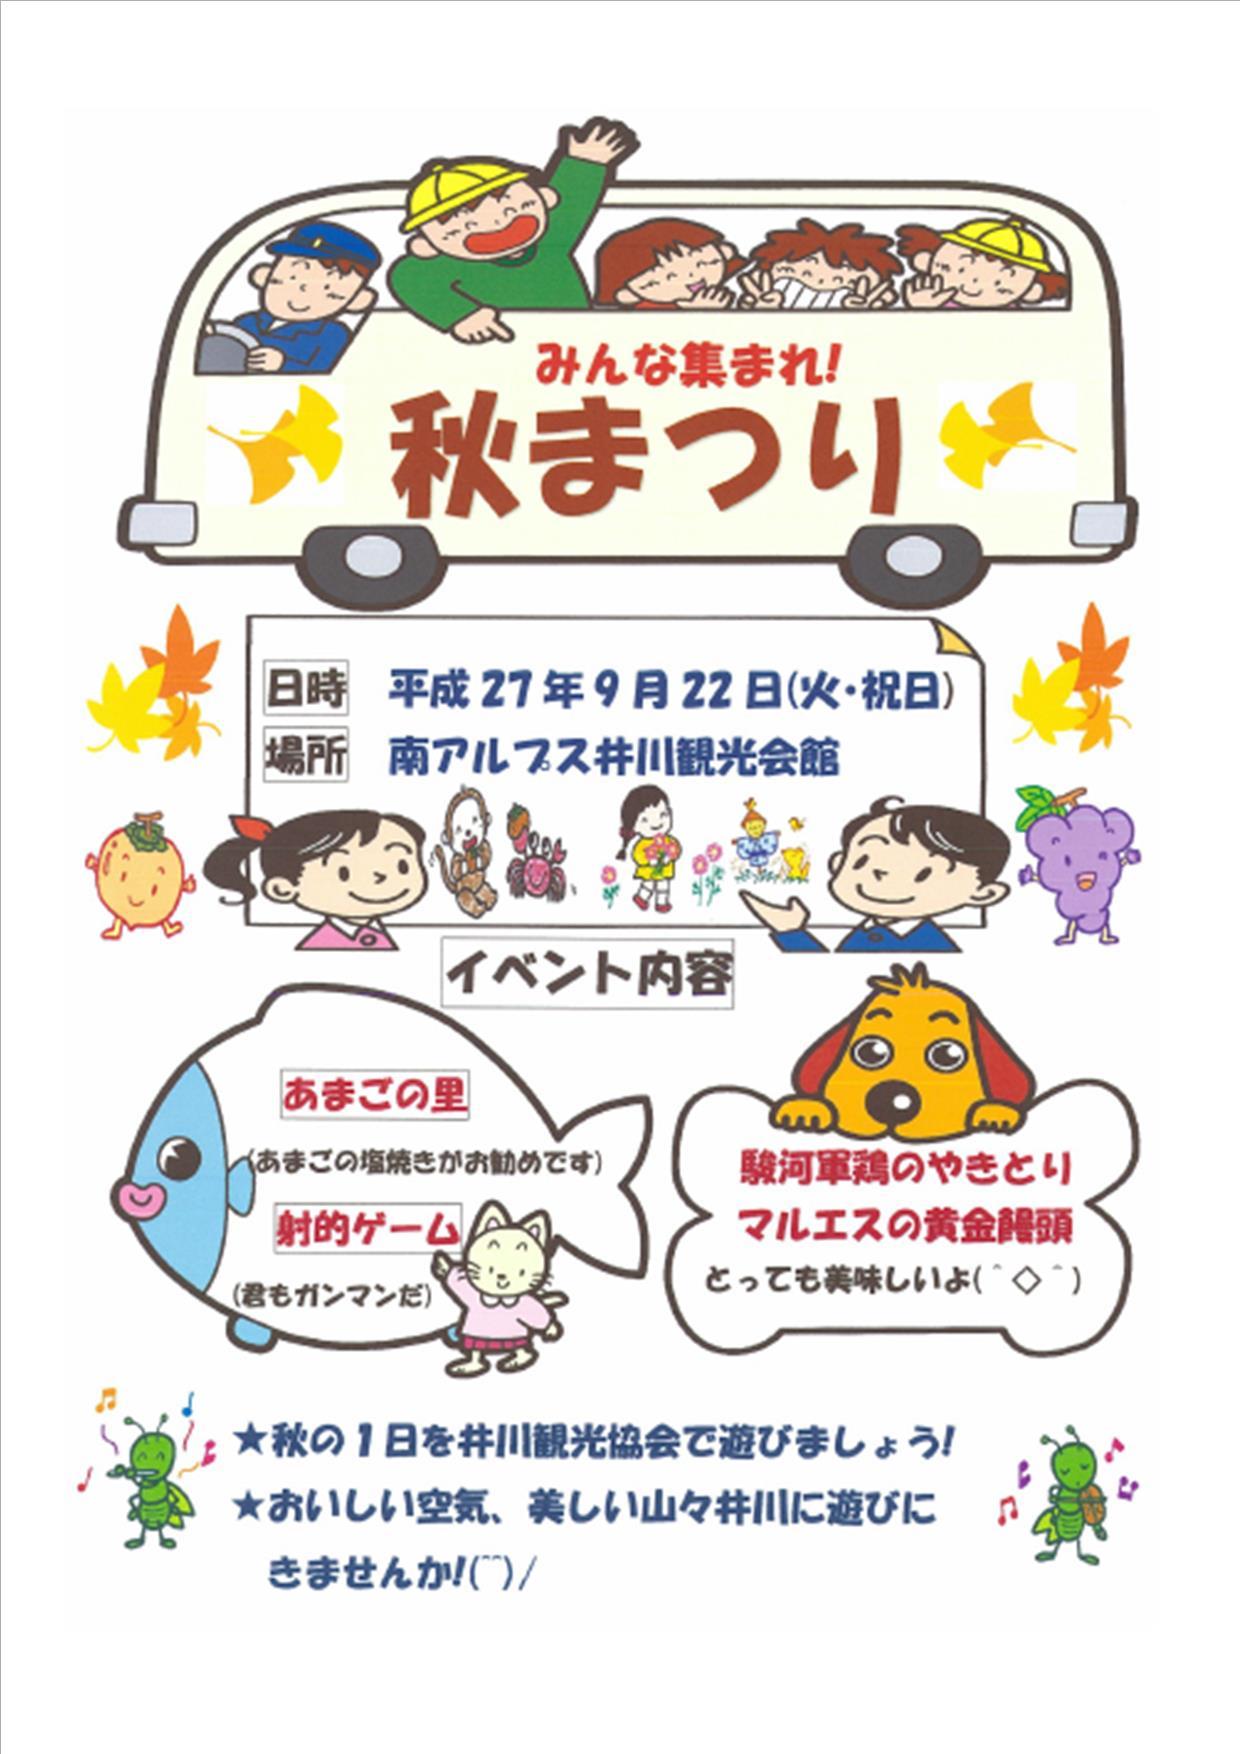 井川イベント.jpg